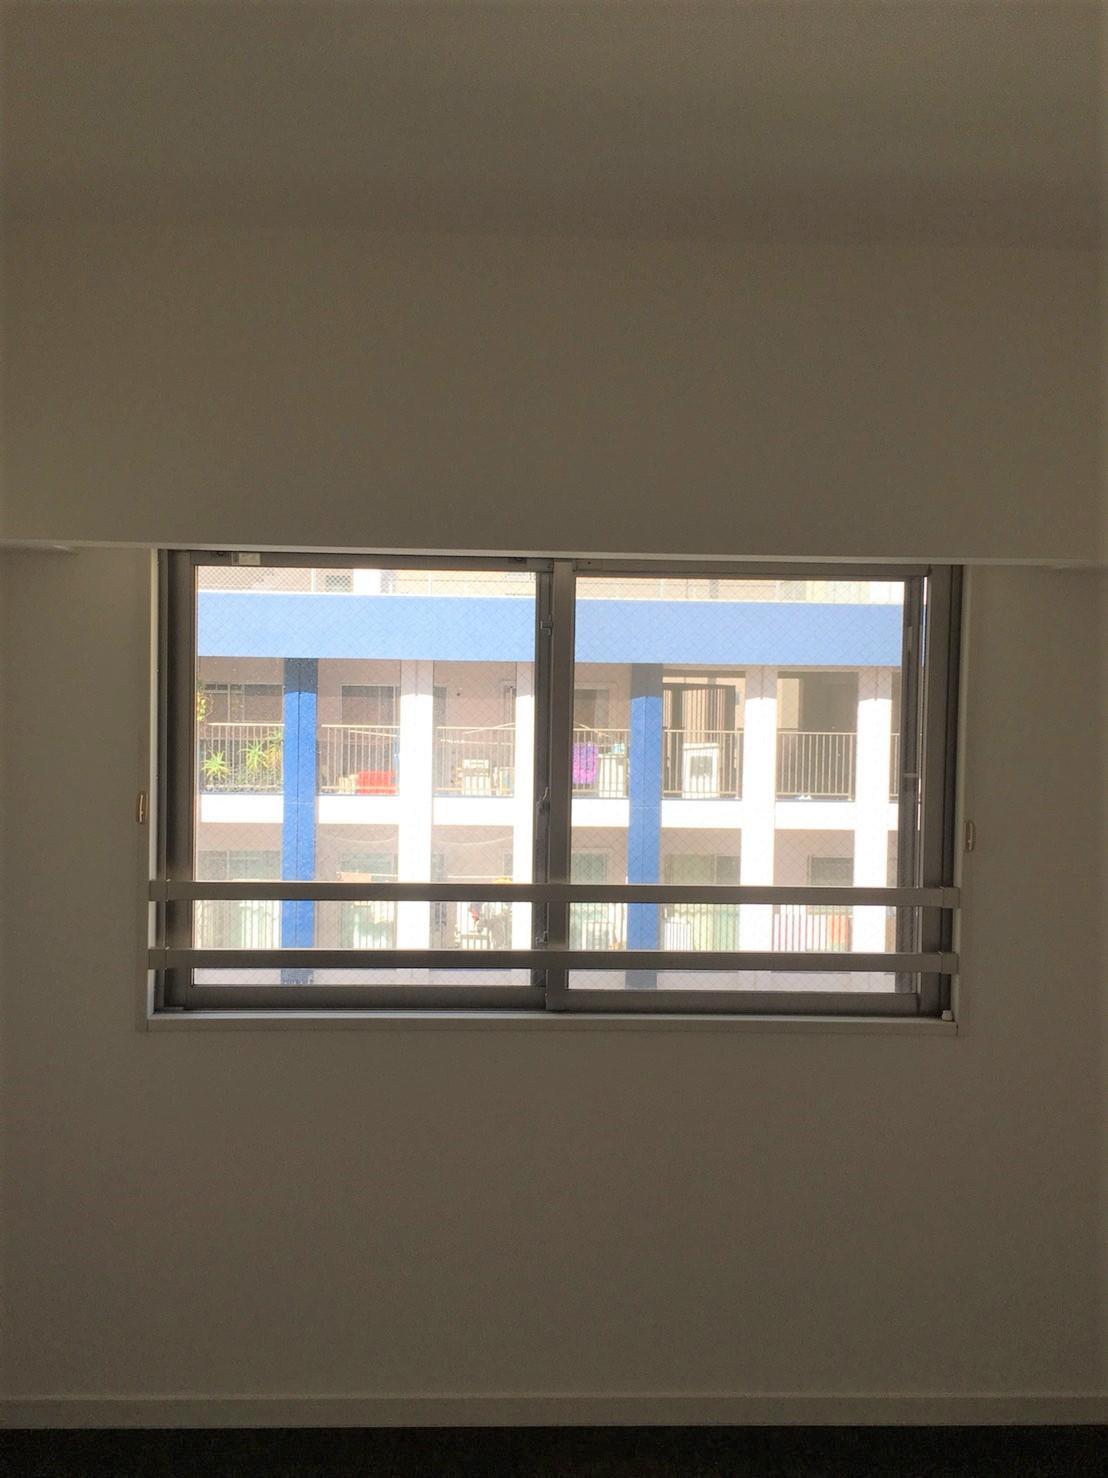 ガラス・サッシ・窓のハウスクリーニング おそうじプラスにお任せ下さい!ご希望の清掃日時や清掃箇所などお気軽にご相談下さい。